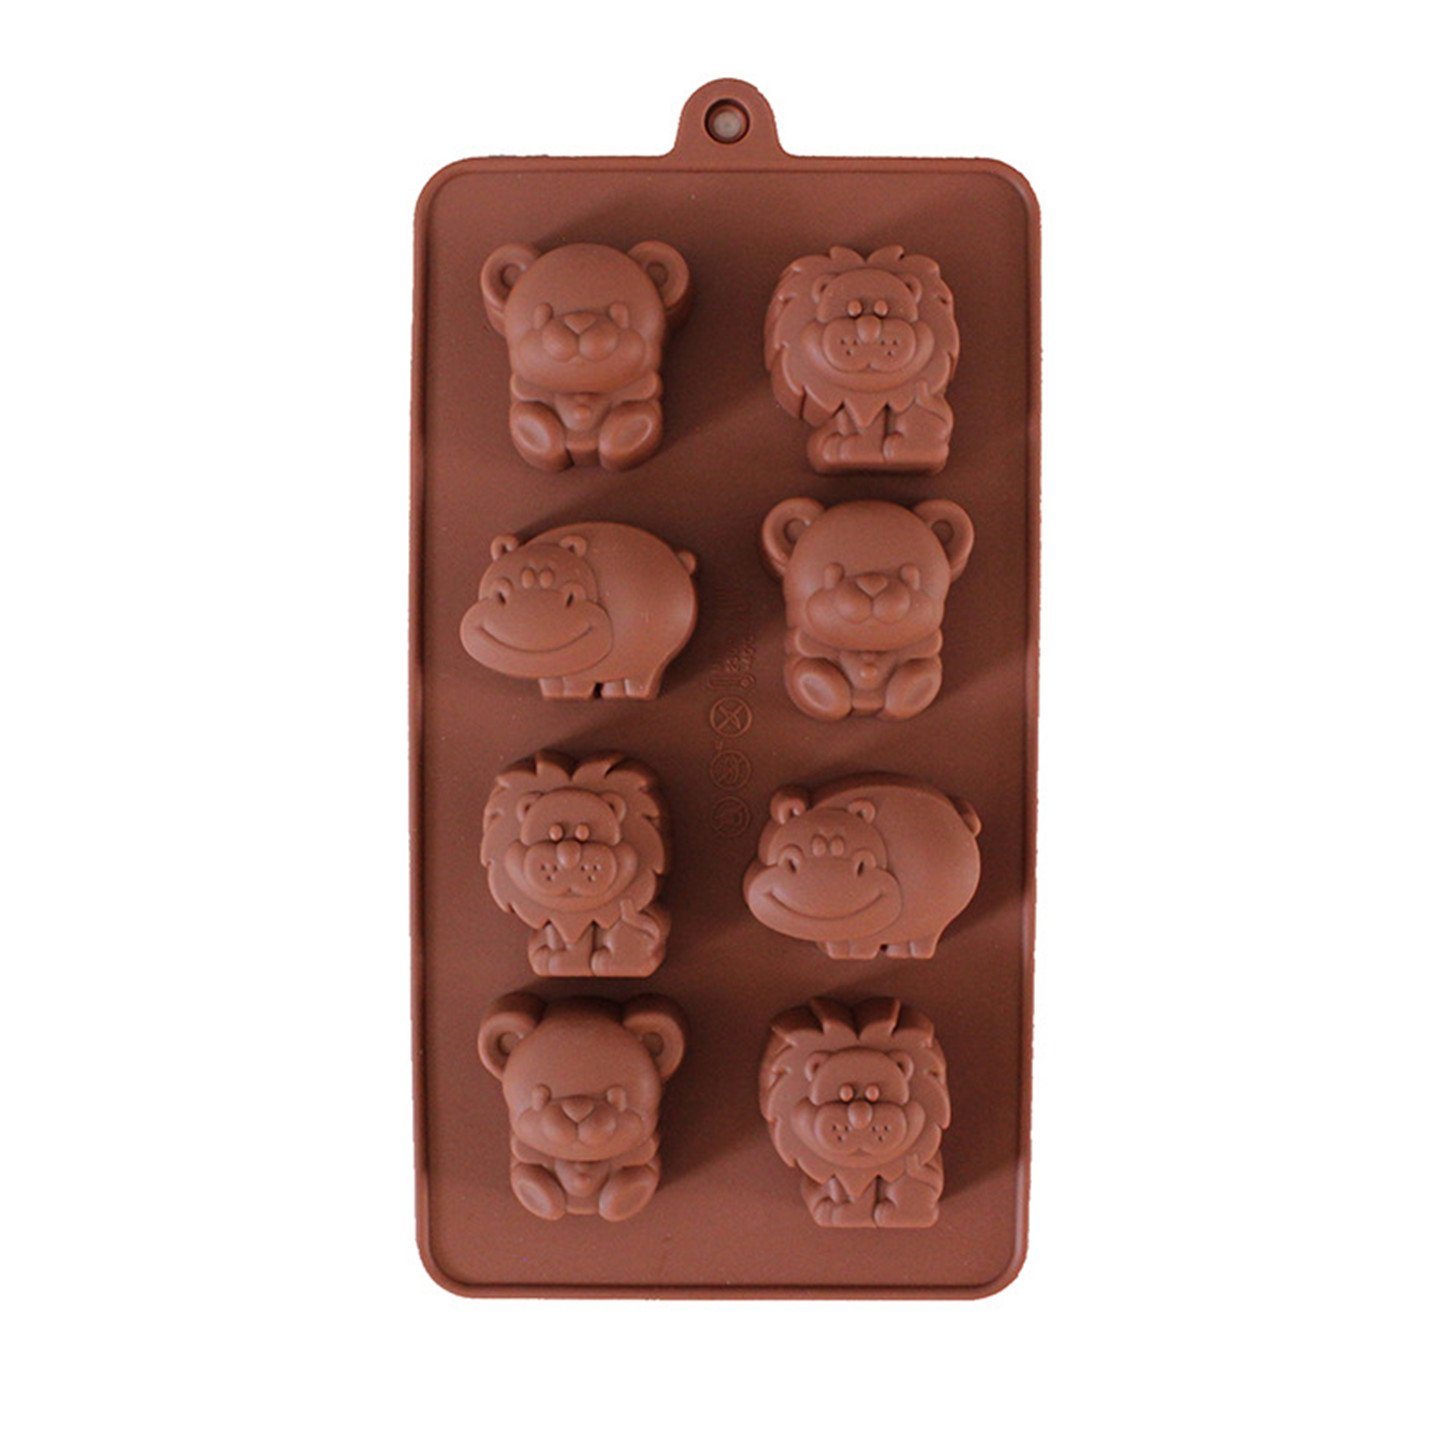 FantasyDay® Lot de 2 Antiadhésif Moules en Silicone pour Muffins, Gâteau au Chocolat, Moule à Savons, Cupcake Et Gelée - Moule Forme Dessin animé Voitures - Ustensile de Cuisine Qualite Superieur